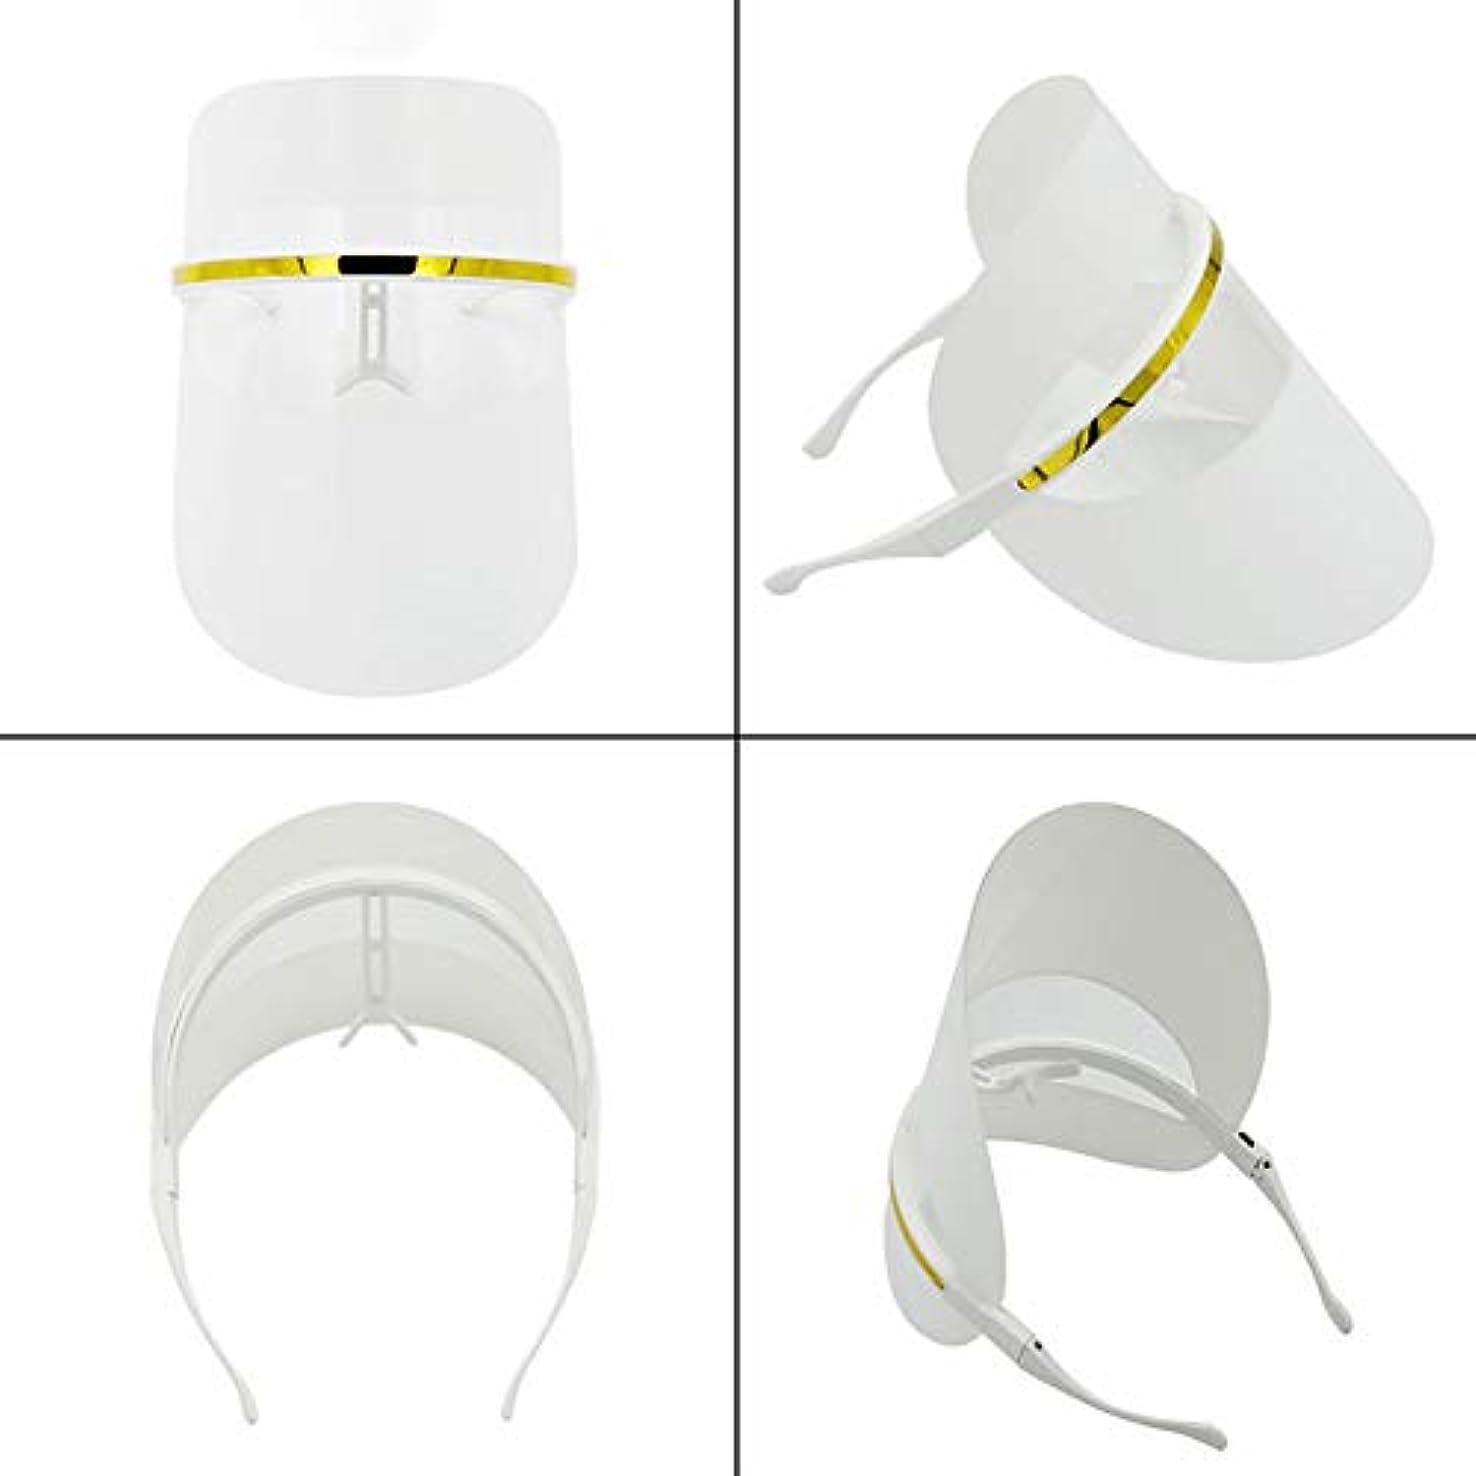 マントル敬の念ネブ7色LEDフェイスマスク、LEDフォトンビューティーマスク、健康的な肌の若返りのためのフォトンレッドライトセラピー、コラーゲン、アンチエイジング、しわ、瘢痕